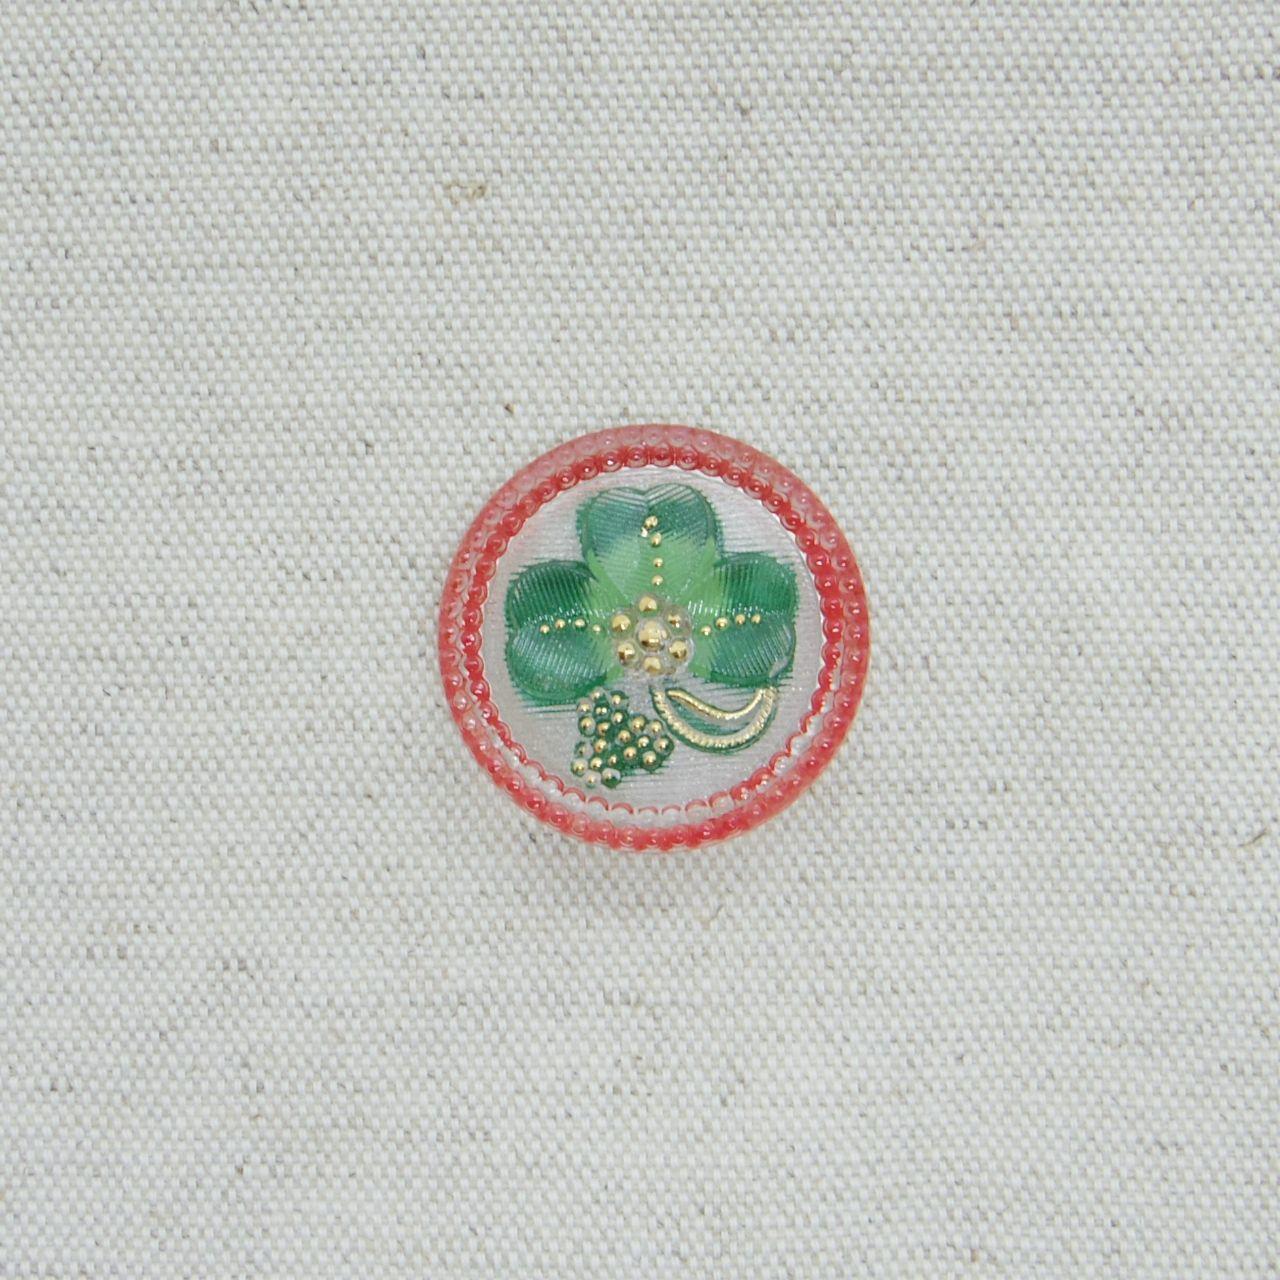 【チェコガラスボタン】クローバー・赤 ::: 大2.7cm